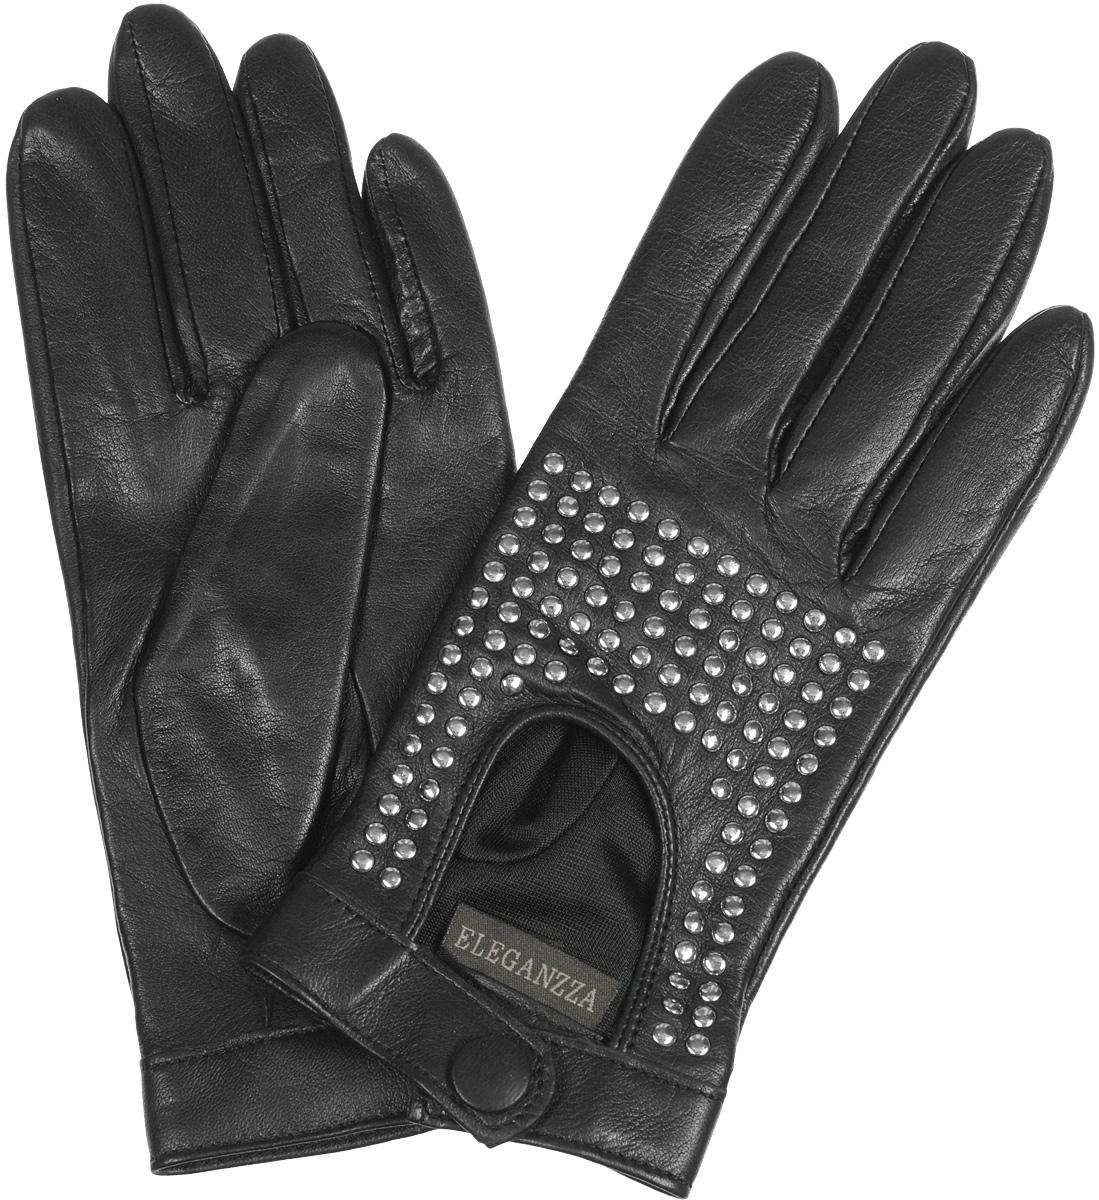 Перчатки женские Eleganzza, цвет: черный. IS02752. Размер 6.5IS02752Стильные женские перчатки Eleganzza не только защитят ваши руки от холода, но и станут великолепным украшением. Перчатки выполнены из чрезвычайно мягкой и приятной на ощупь натуральной кожи. Лицевая сторона перчаток на запястье застегивается хлястиками на кнопку. Оформлены перчатки декоративными клепками. В настоящее время перчатки являются неотъемлемой принадлежностью одежды, вместе с этим аксессуаром вы обретаете женственность и элегантность. Перчатки станут завершающим и подчеркивающим элементом вашего стиля и неповторимости.